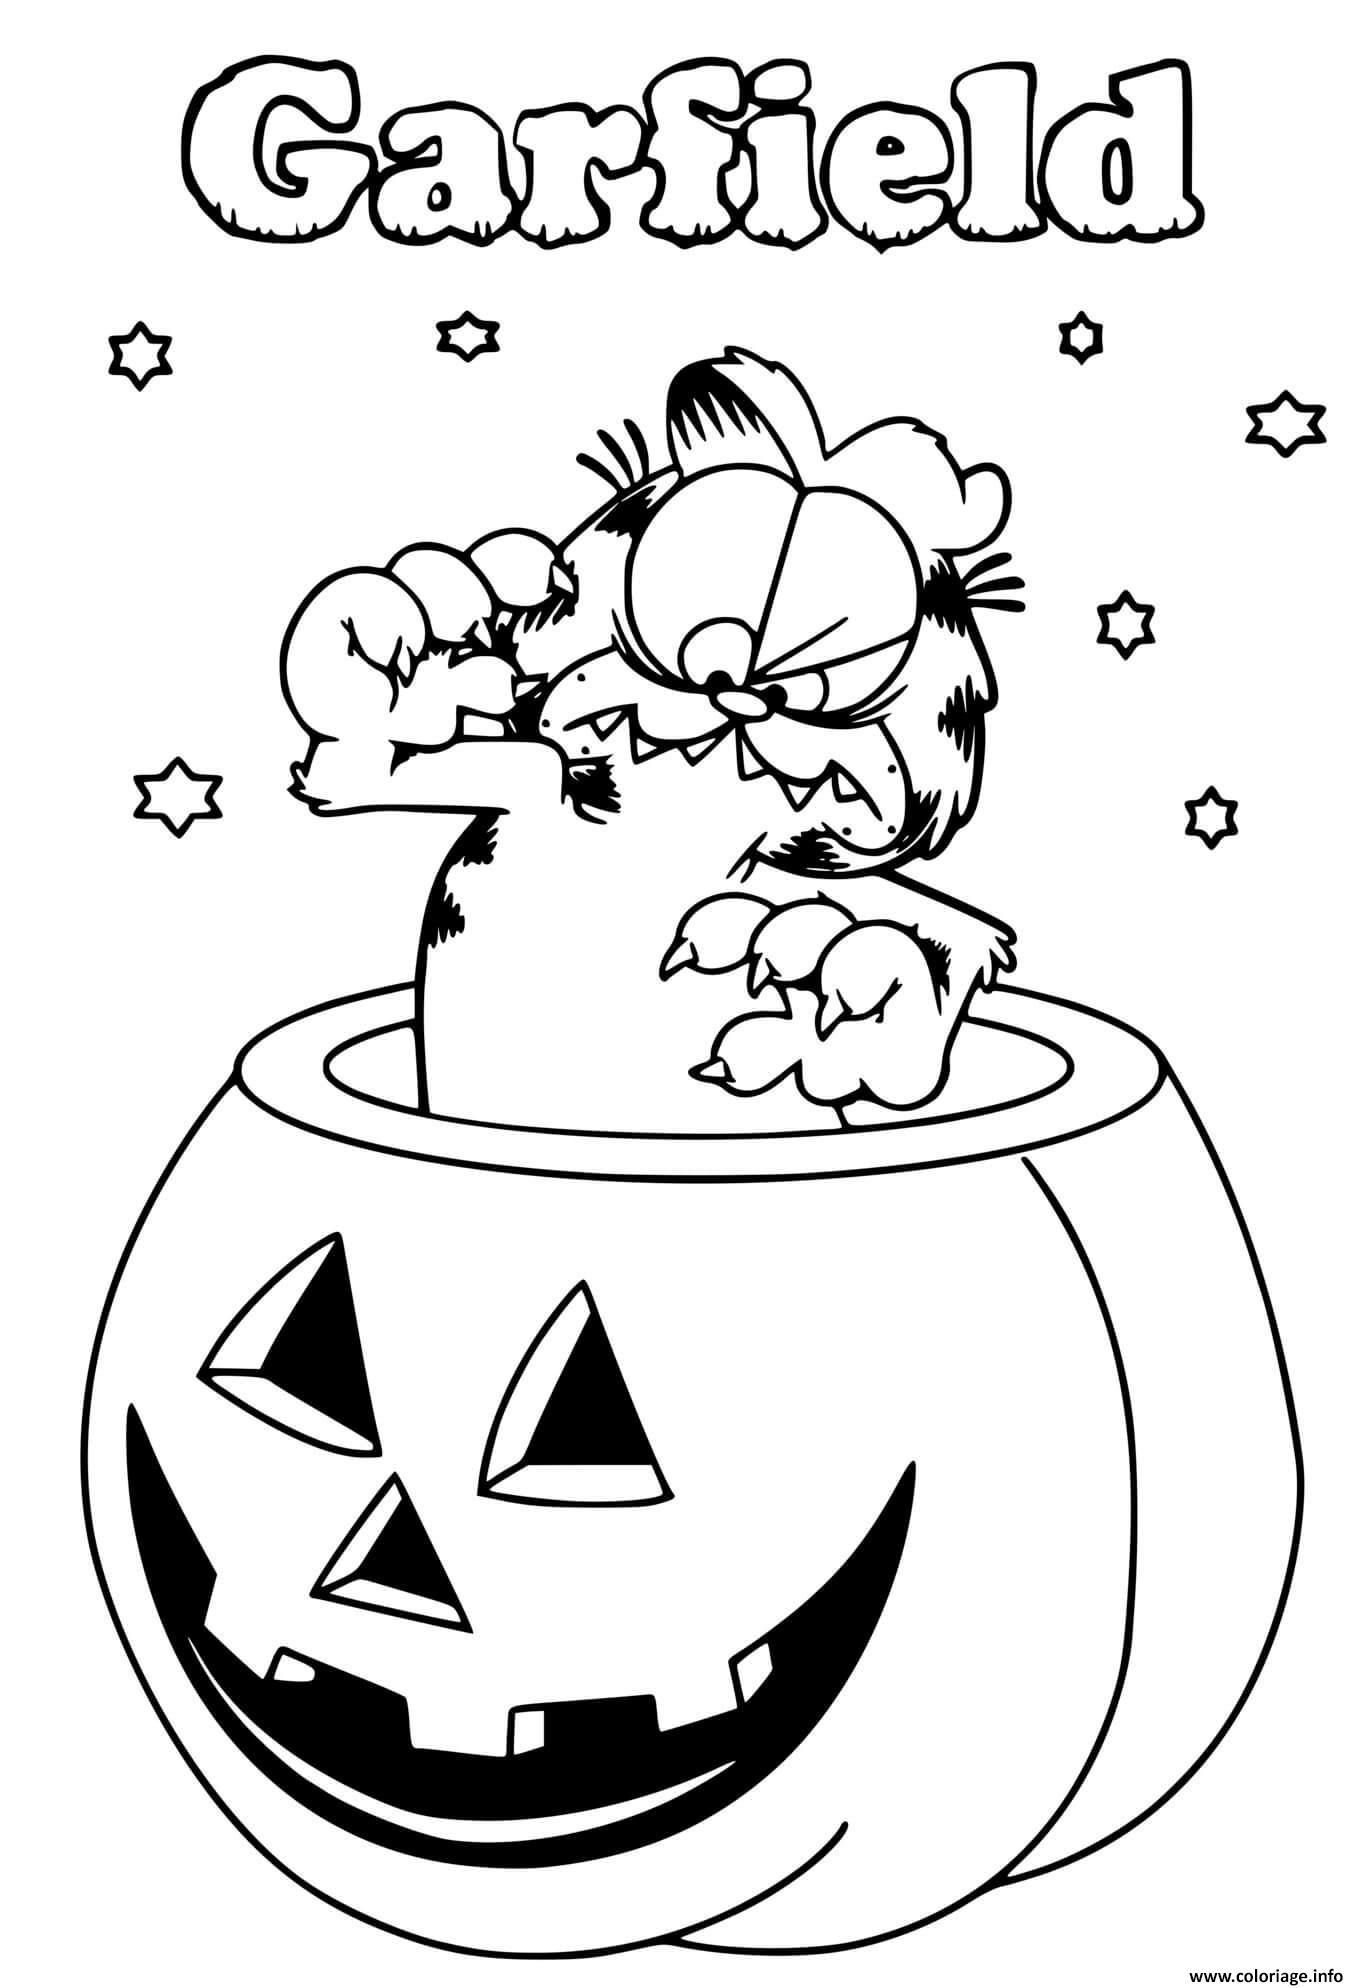 Dessin Garfield Halloween dans une citrouille Coloriage Gratuit à Imprimer